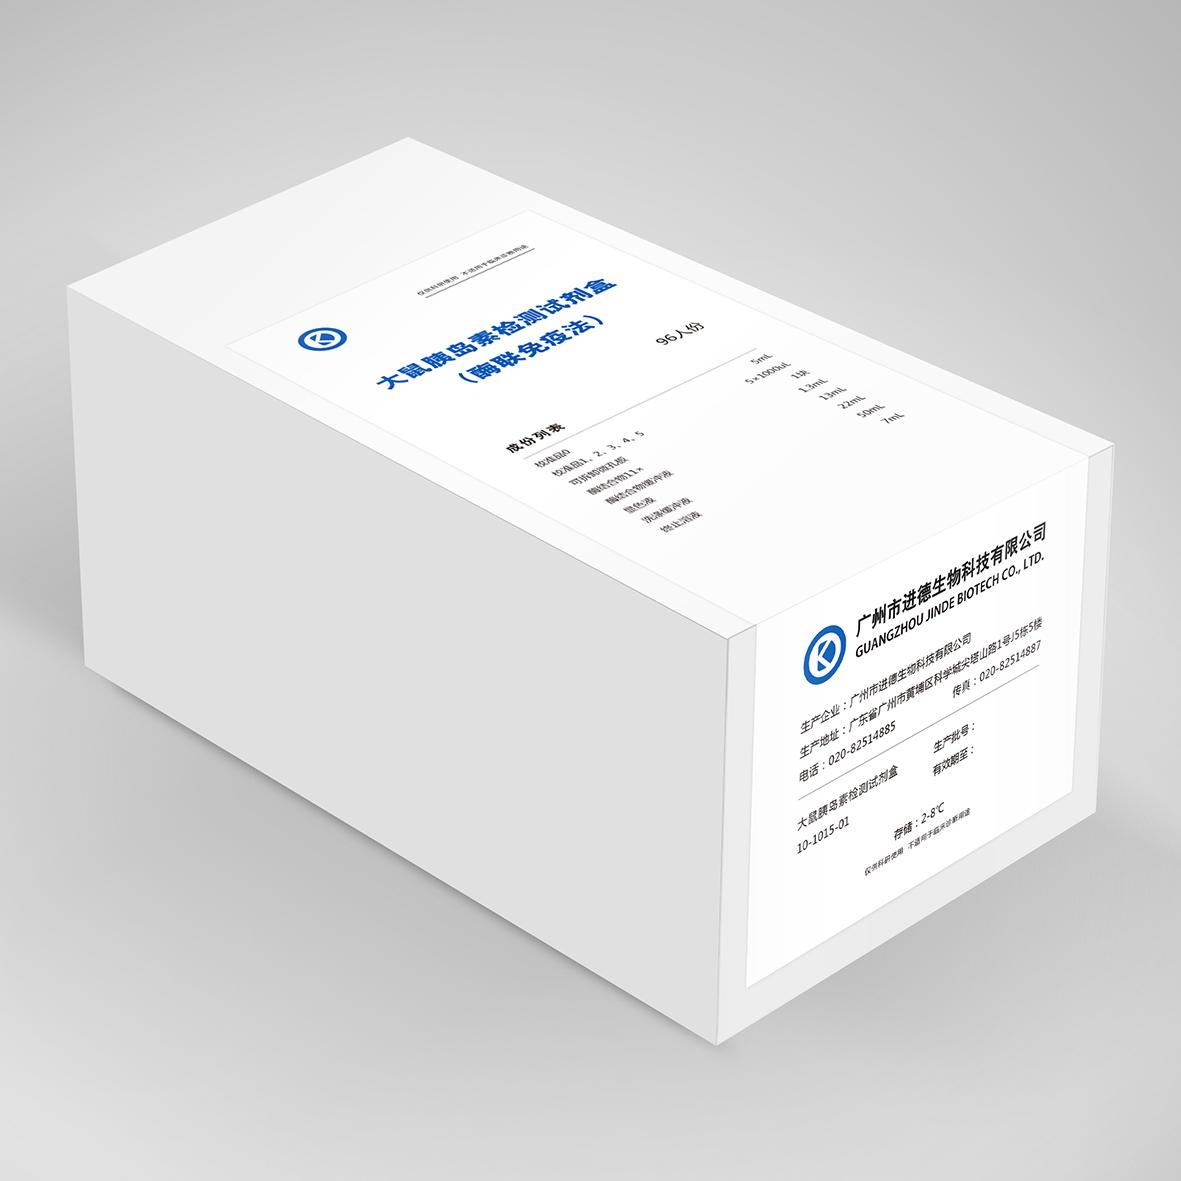 胰高血糖素(glucagon)ELISA检测试剂盒